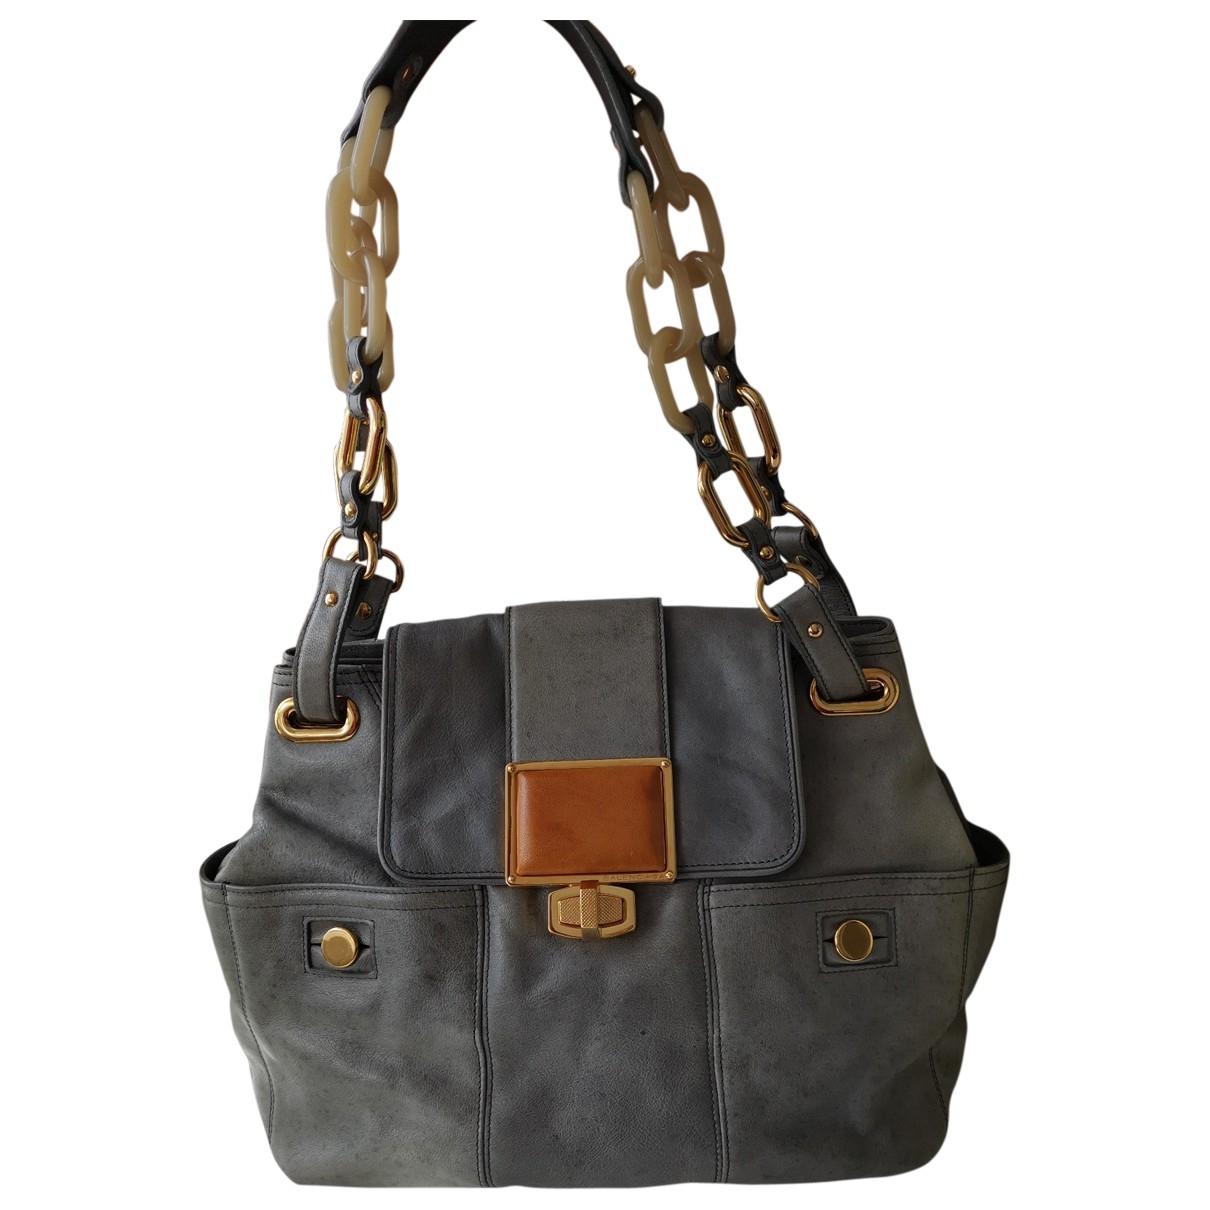 Balenciaga \N Handtasche in  Grau Leder